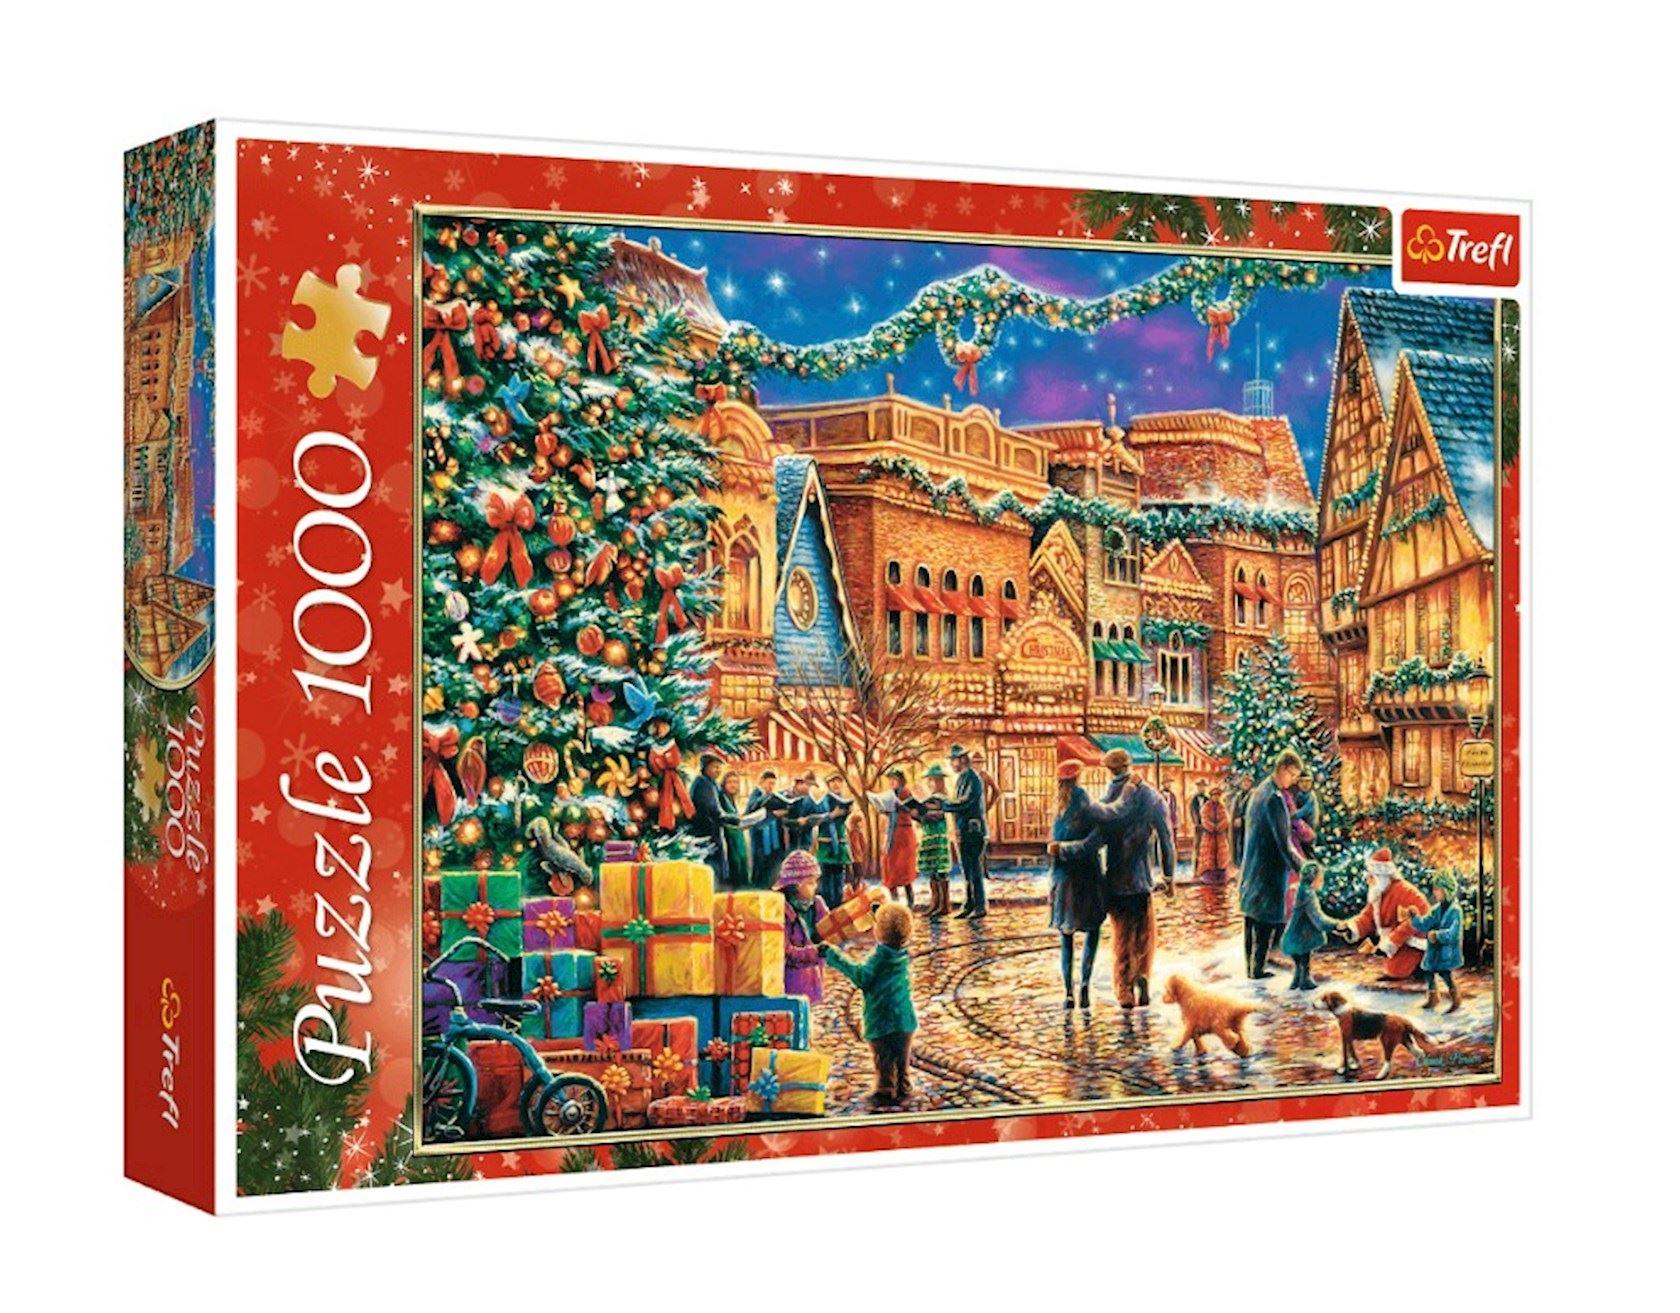 Puzzel Trefl 1000 stuks - Kerstmarkt